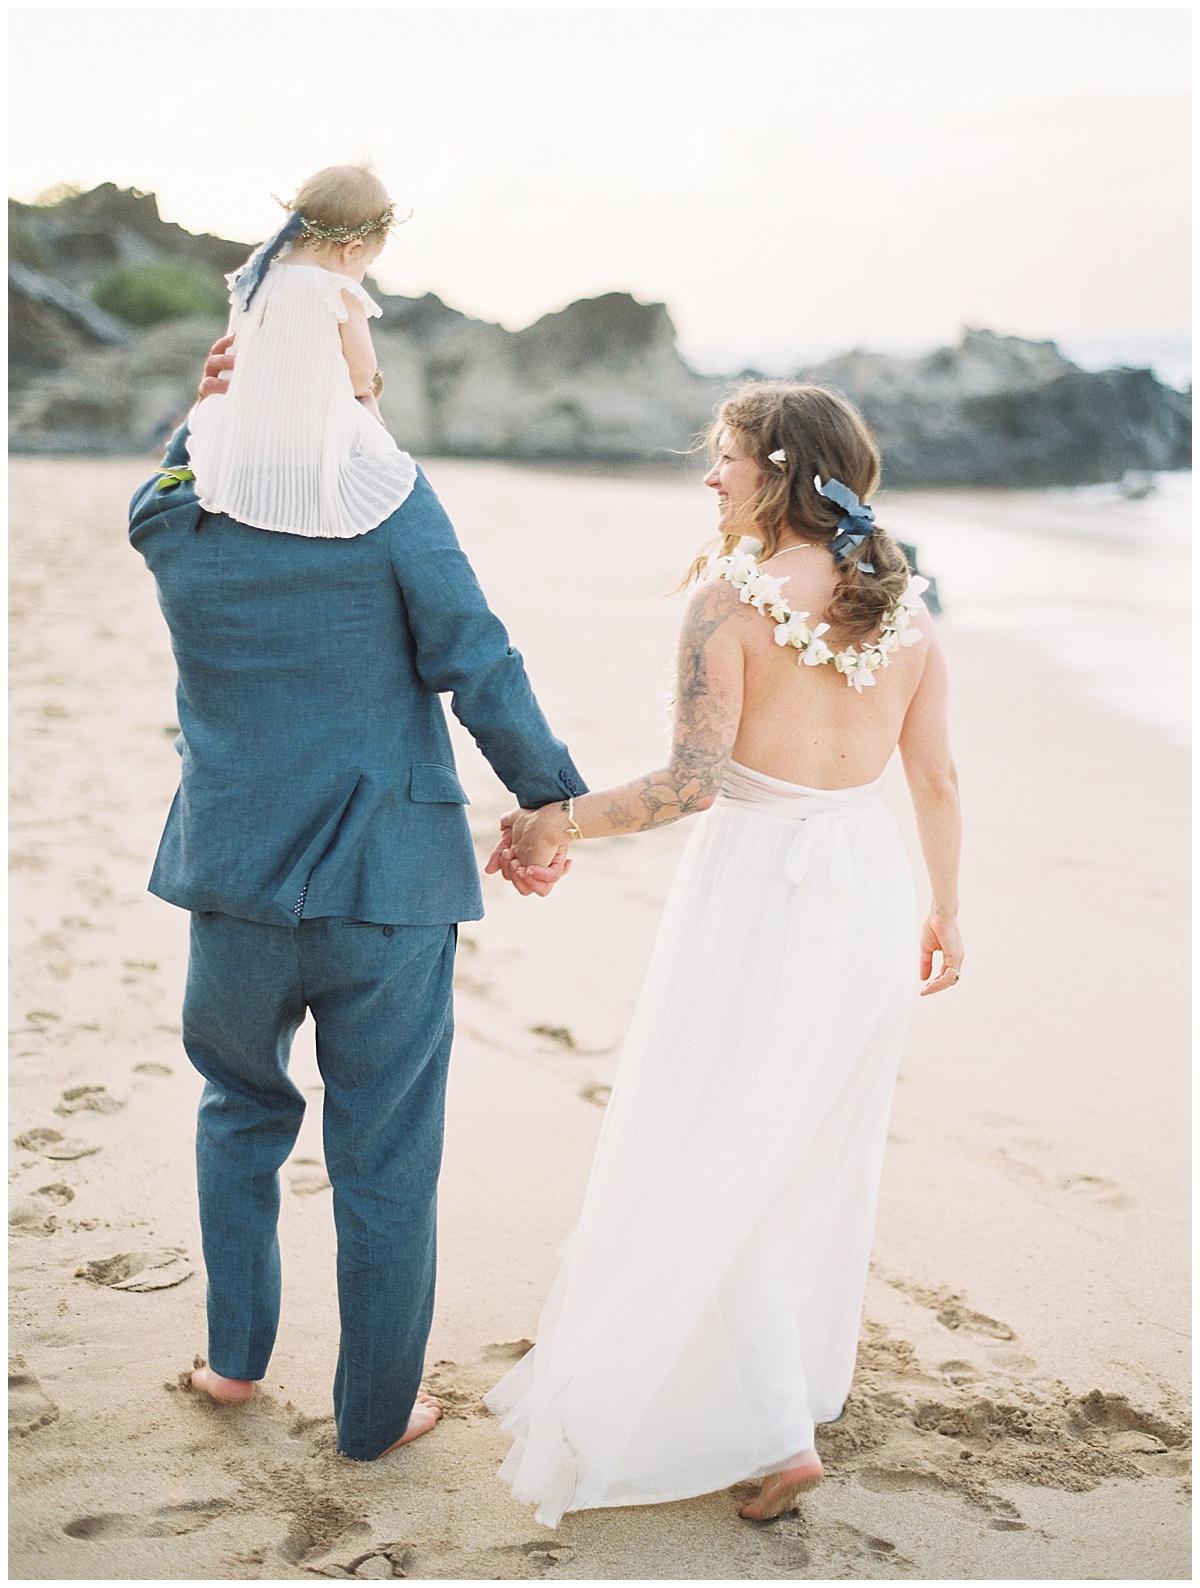 beach-elopement-maui-bride-groom-walking-baby-on-shoulders.jpg